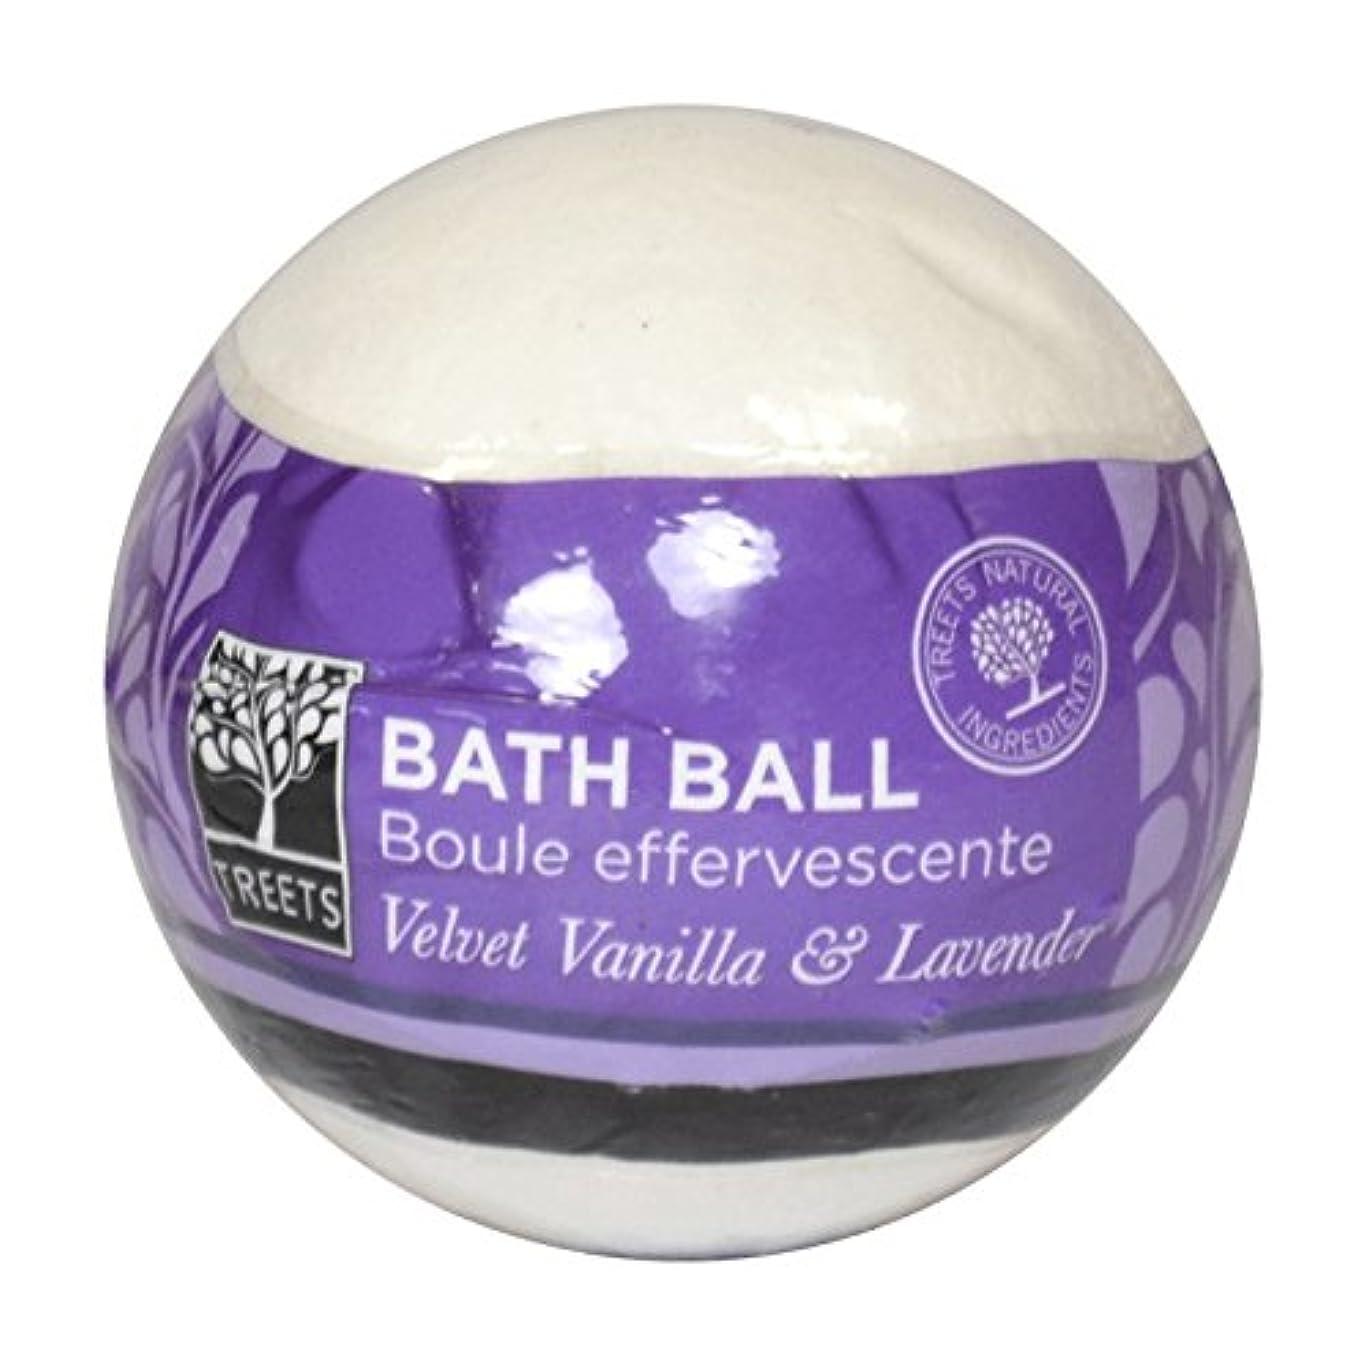 置くためにパック風変わりな仮定、想定。推測Treets Velvet Vanilla & Lavender Bath Ball (Pack of 6) - Treetsベルベットのバニラ&ラベンダーバスボール (x6) [並行輸入品]